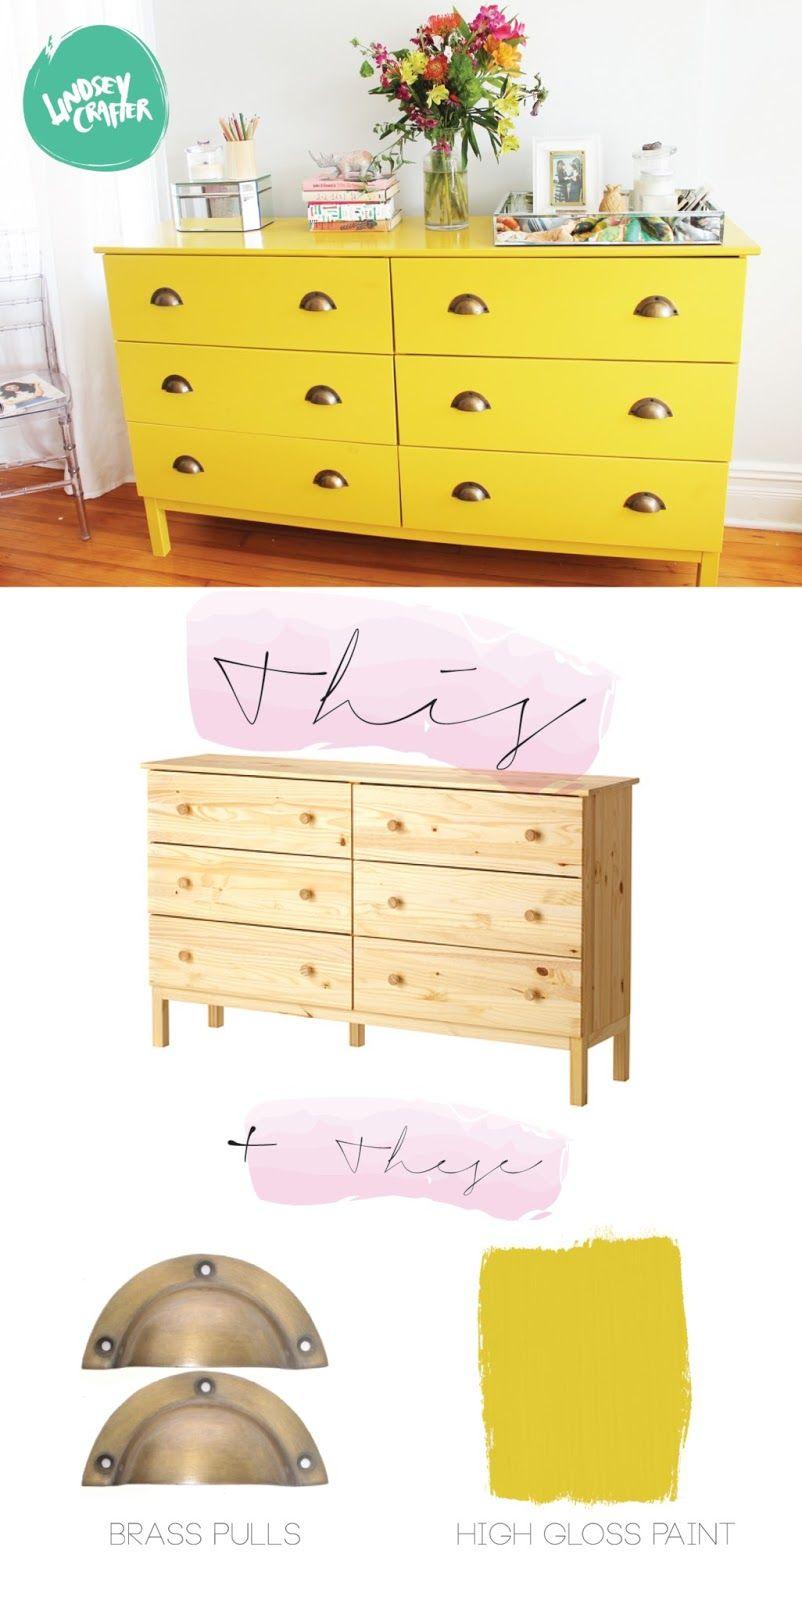 Lindsey Crafter Ikea Mobel Pimpen Ikea Ideen Mobelideen